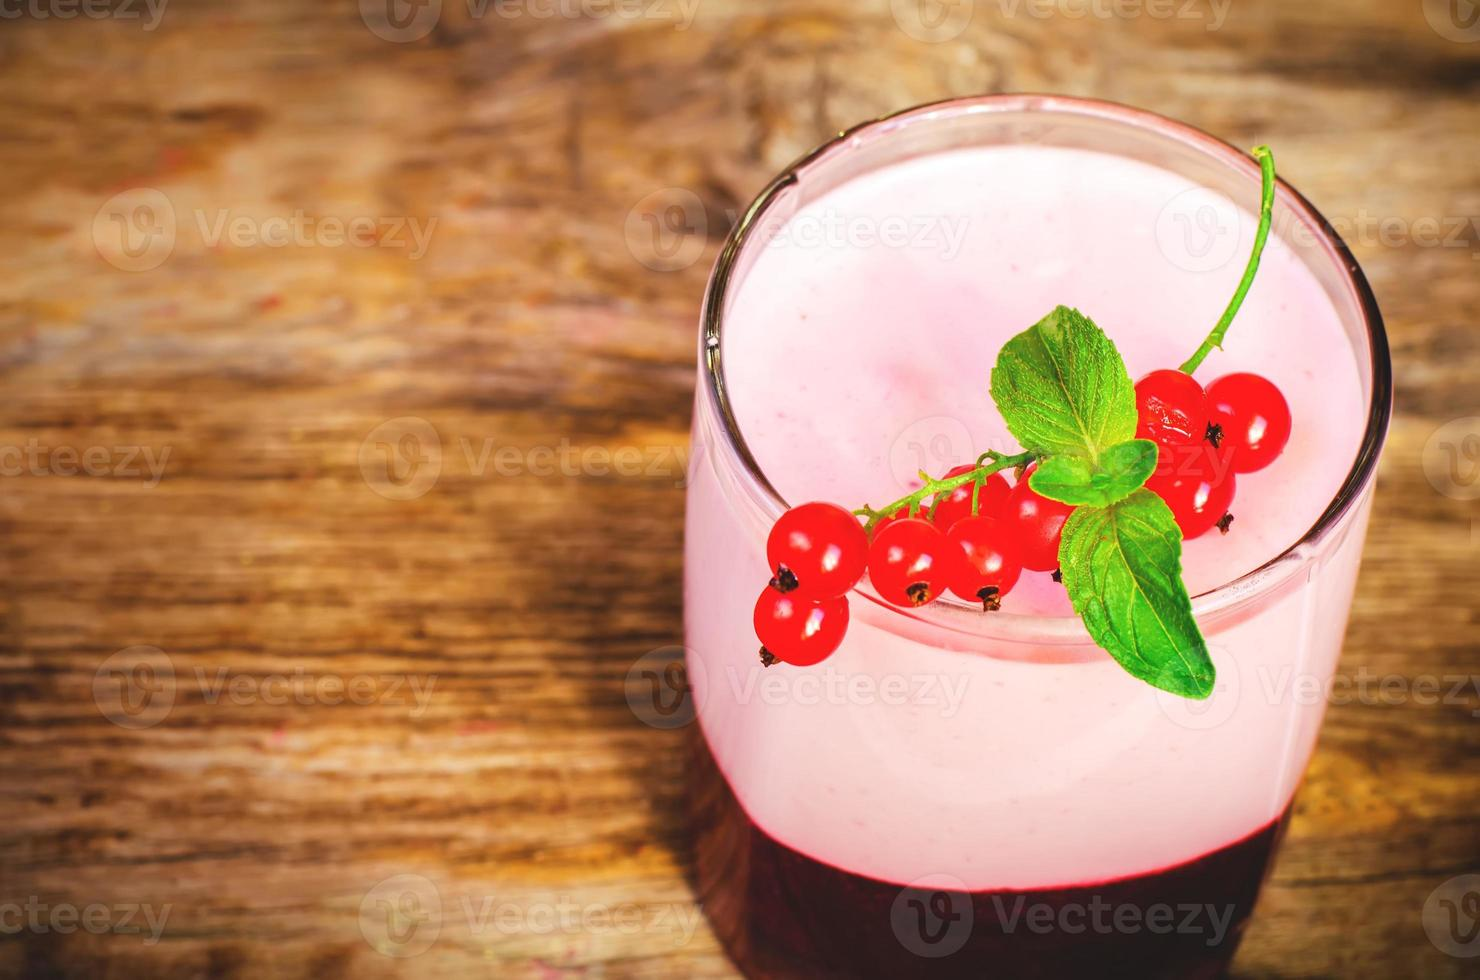 soufflé met rode aalbessen in het glas foto